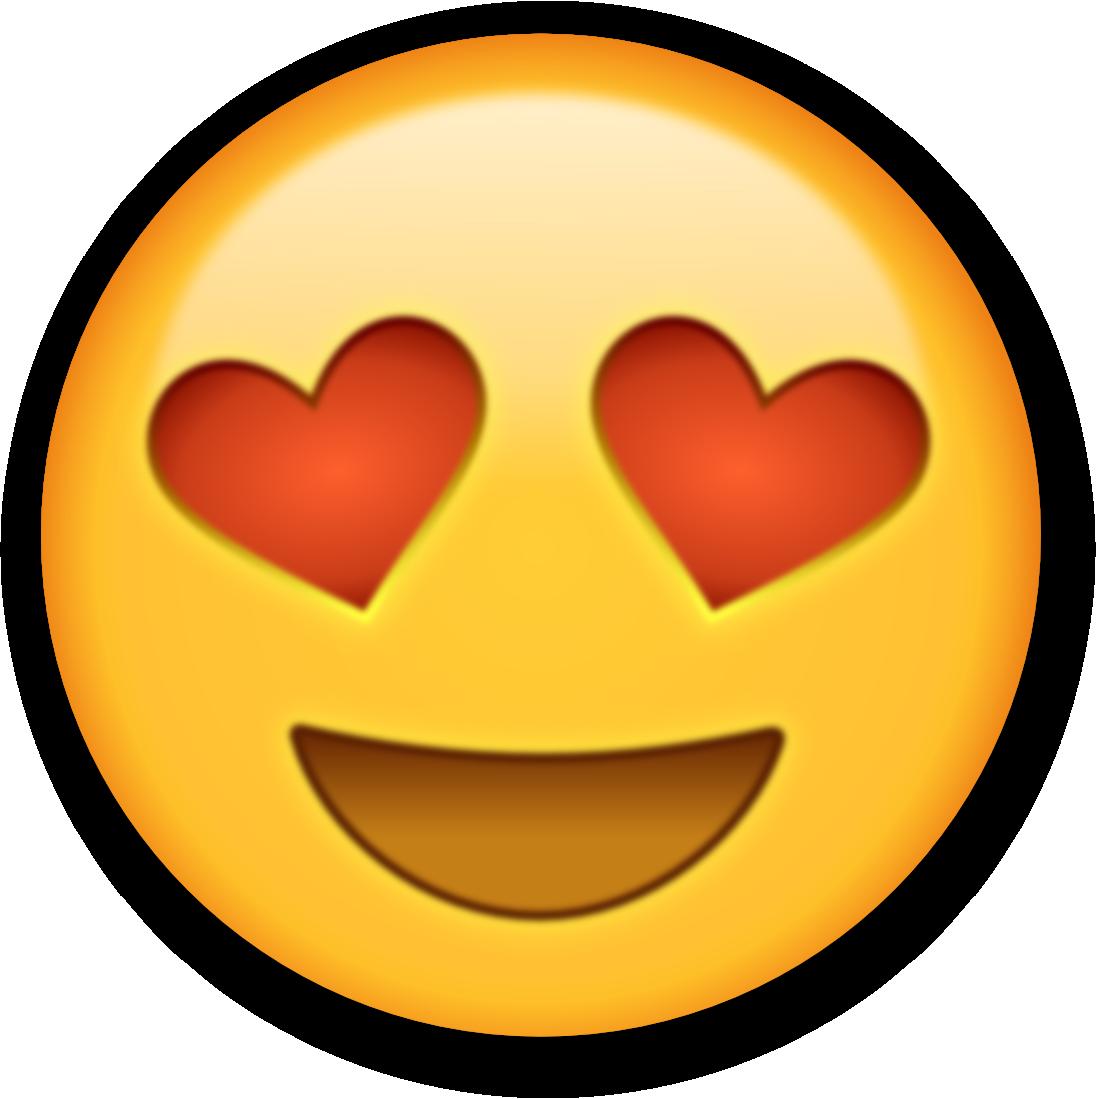 Emojio clipart graphic black and white download Free Free Emoji Clipart, Download Free Clip Art, Free Clip Art on ... graphic black and white download